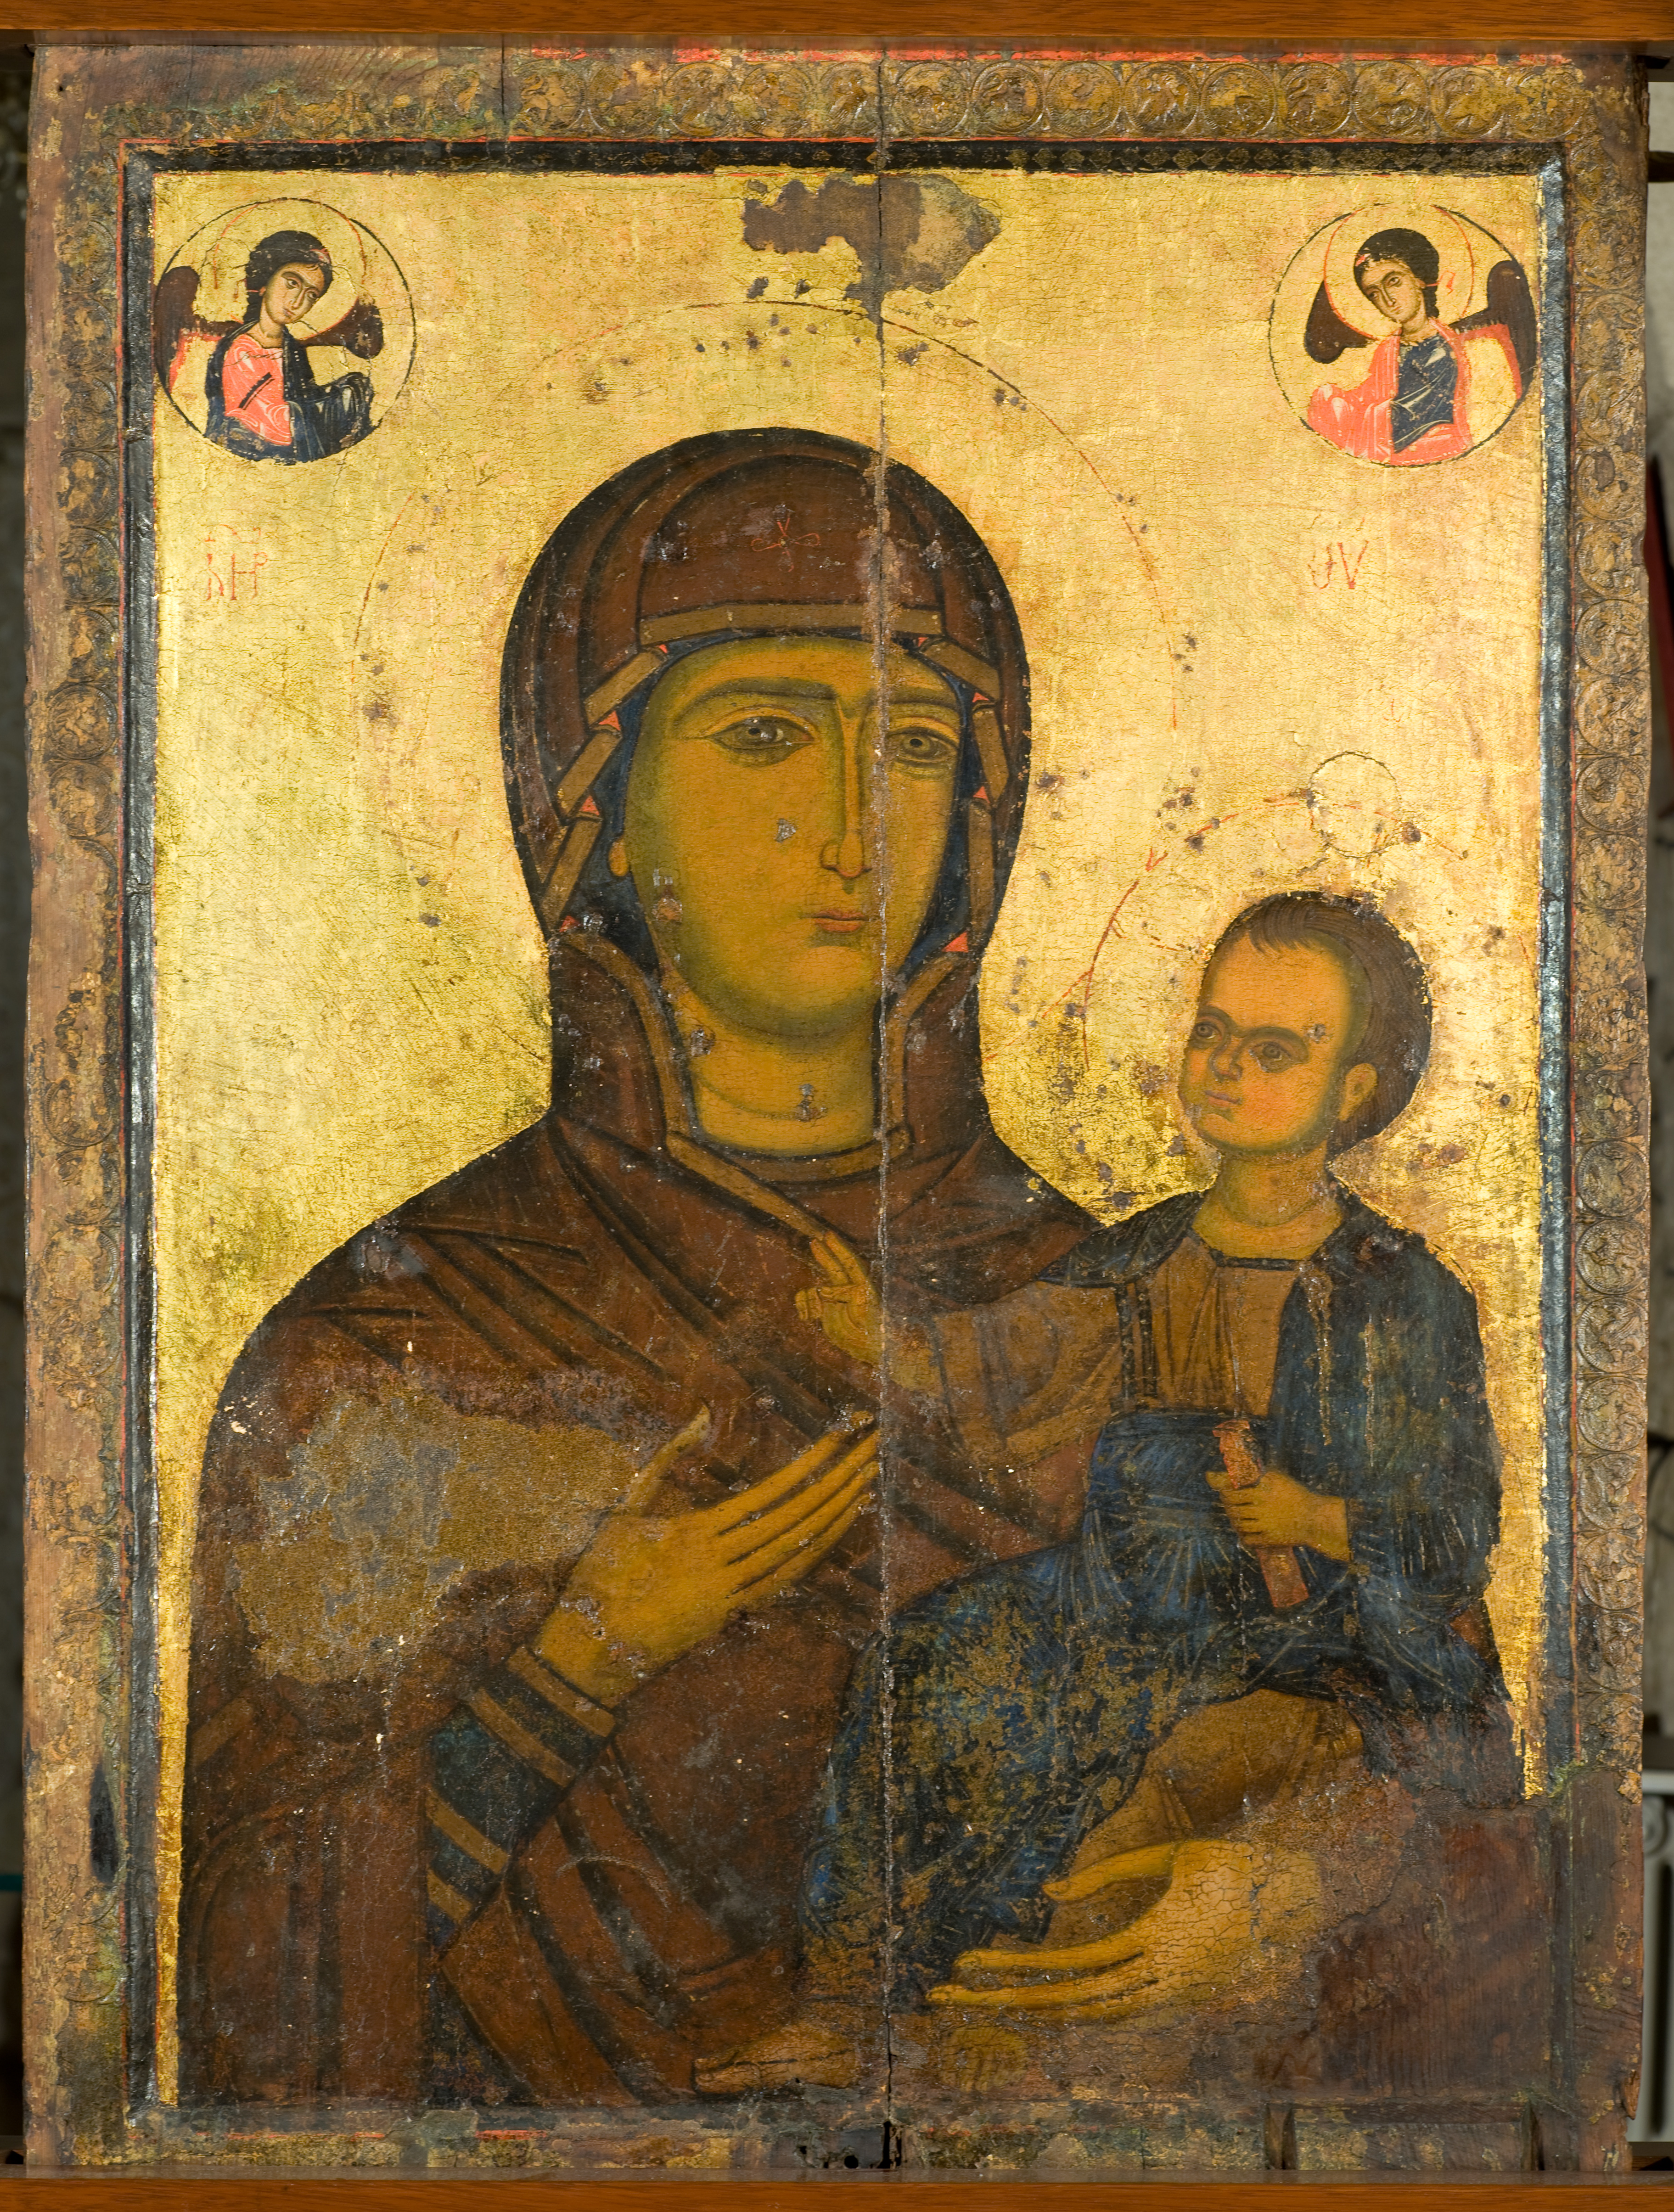 Fig. 13: Hodegetria icon from Kaftûn (Waliszewski and Chmielewski 2009–2010)